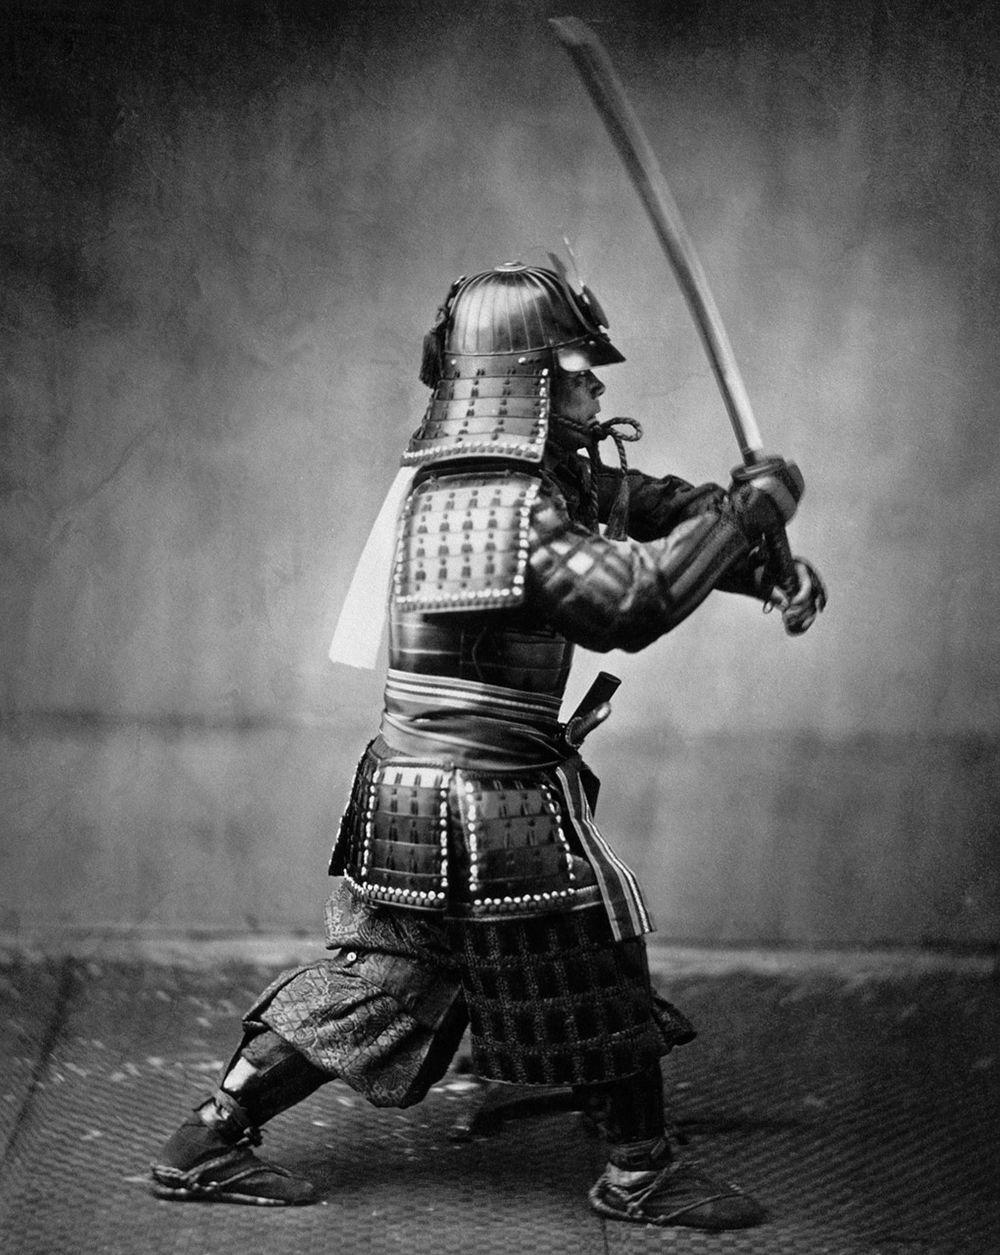 Et våtplatefotografi av en samurai i rustning, datert til rundt 1860. Legg merke til hvor mye bedre bildekvaliteten er, sammenlignet med det grove kalotypiet lenger oppe til høyre i saken. (Foto: Felice Beato, ca. 1860)